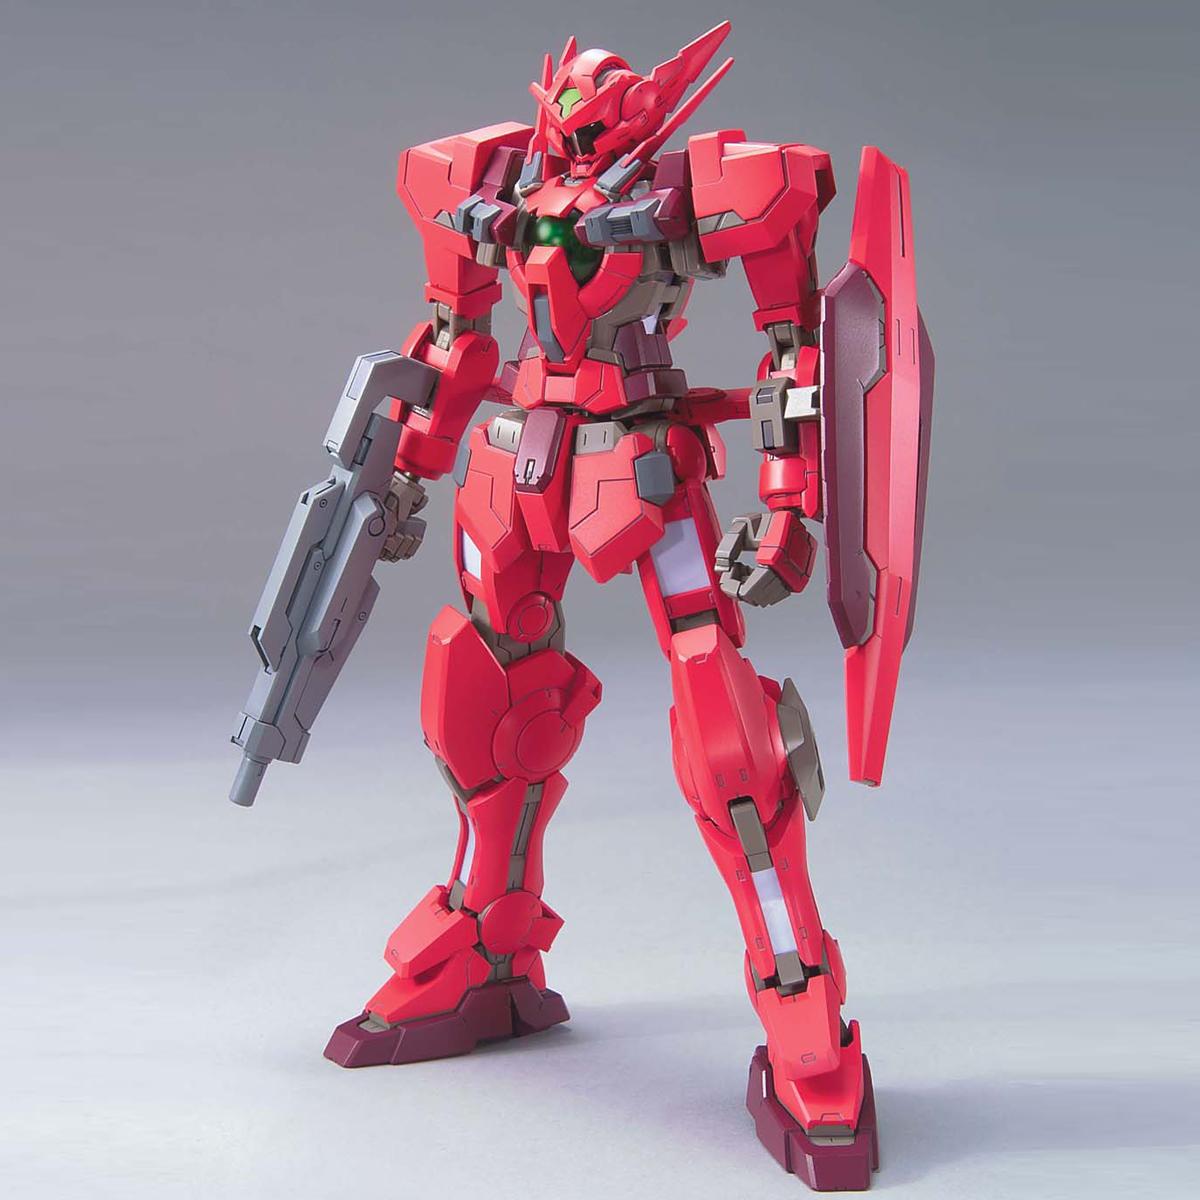 889551/100 GNY-001F ガンダムアストレアTYPE-F [Gundam Astraea Type F]